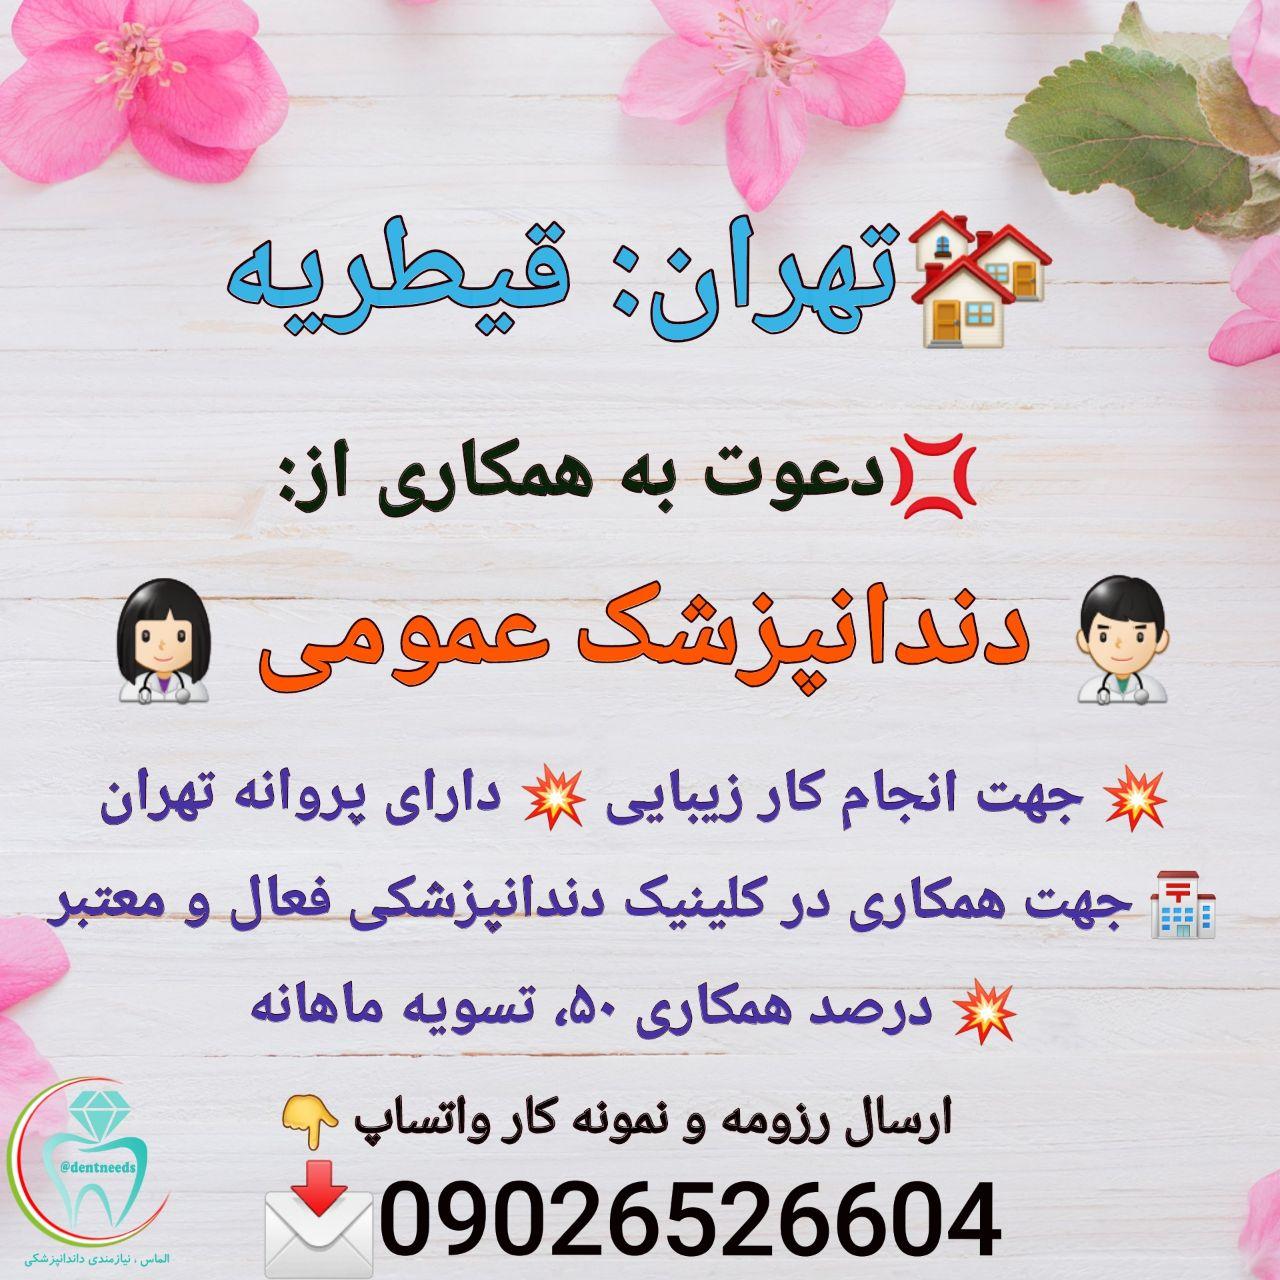 تهران: قیطریه، نیاز به دندانپزشک عمومی